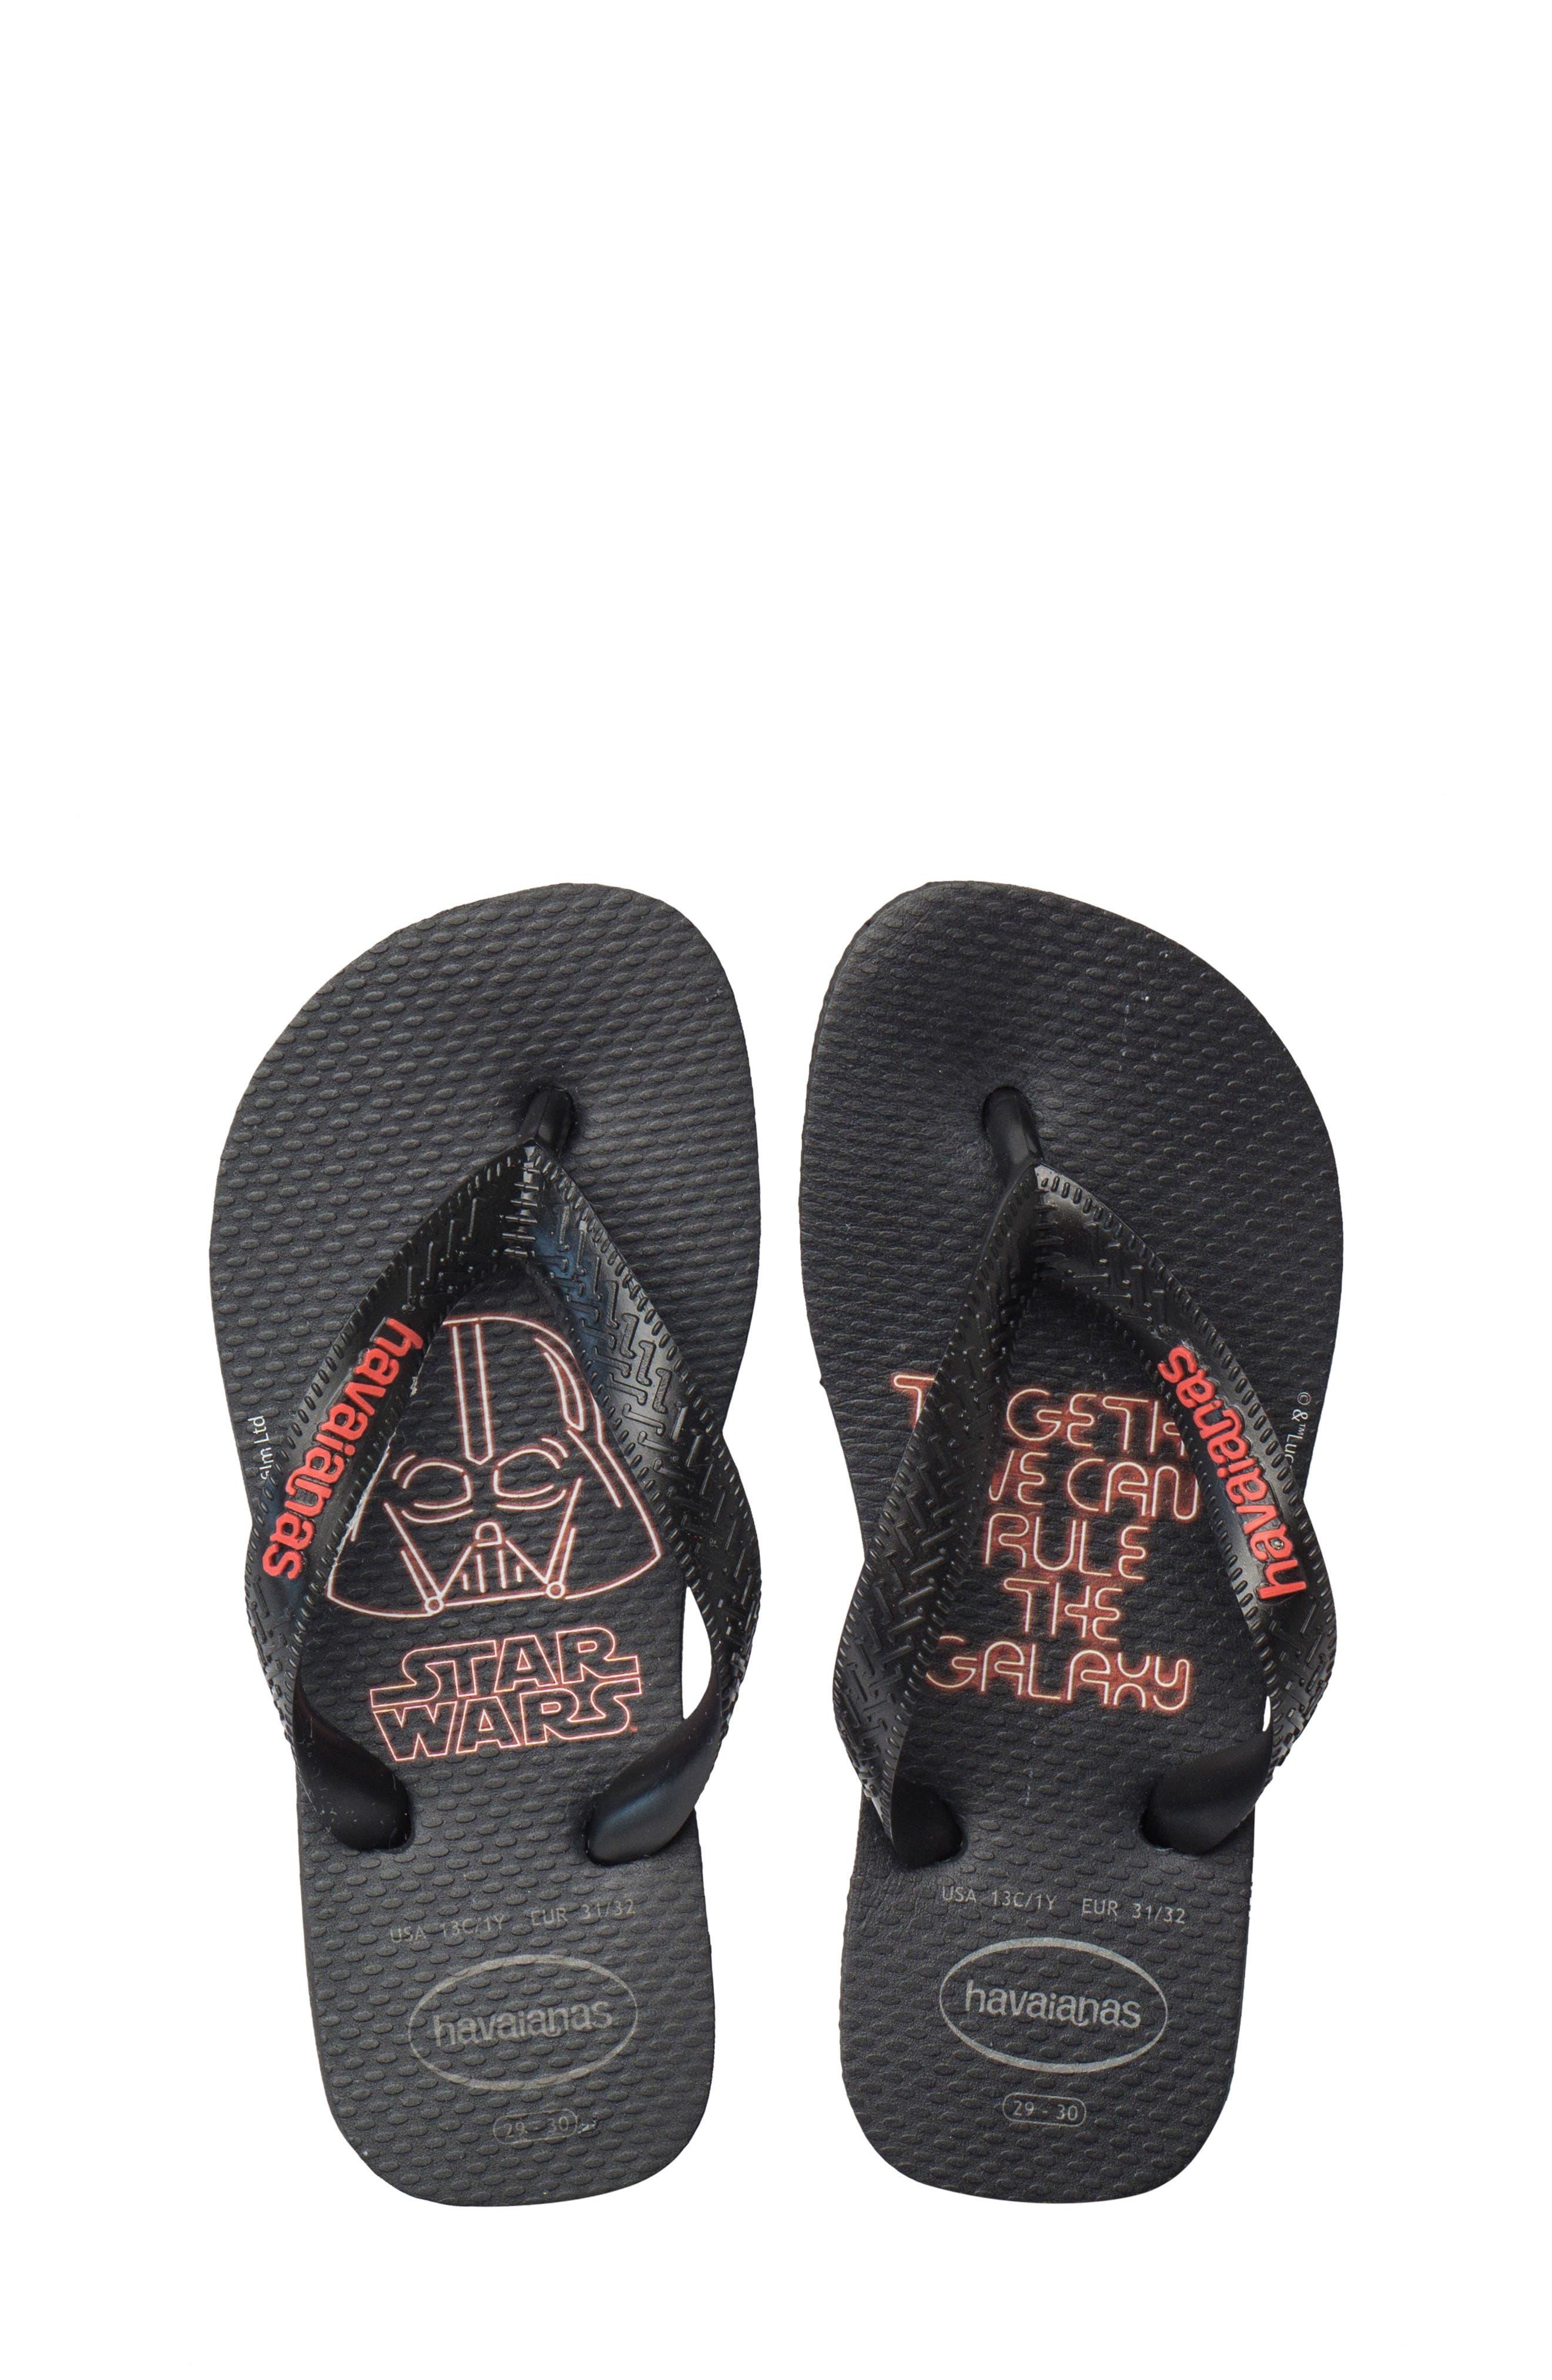 7135d1893 Havaianas Flip-Flops for Kids